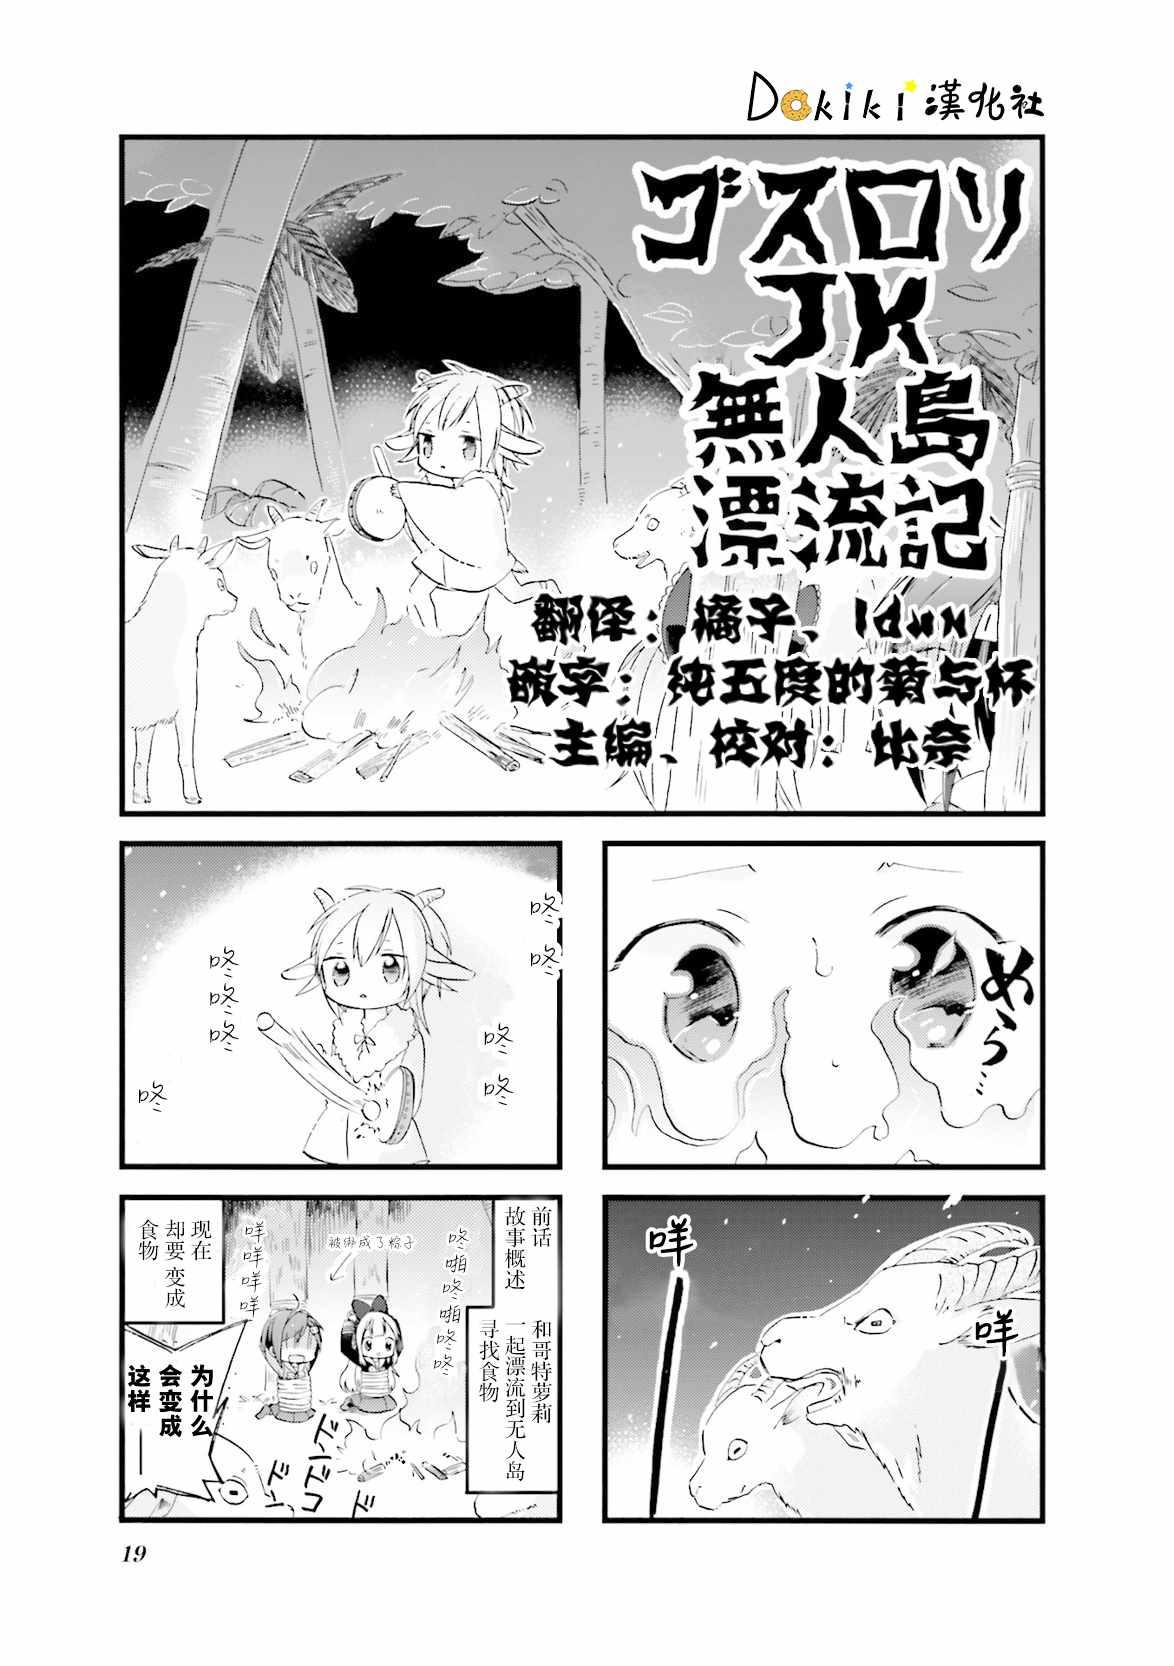 哥特蘿莉JK 002集